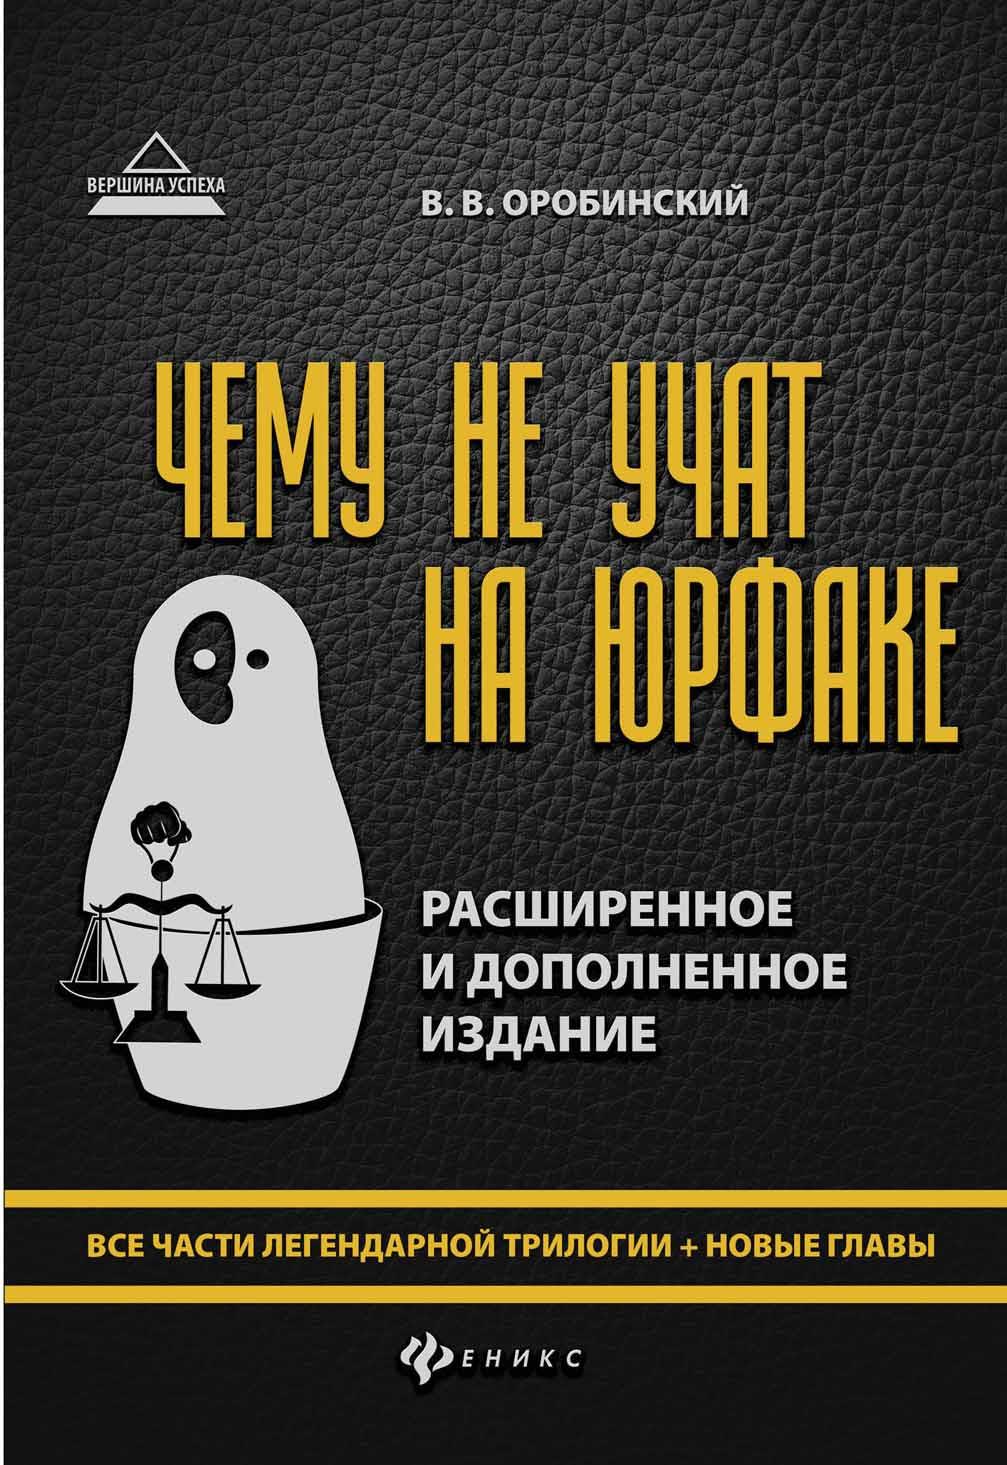 В. В. Оробинский Чему не учат на юрфаке. Все части легендарной трилогии + новые главы